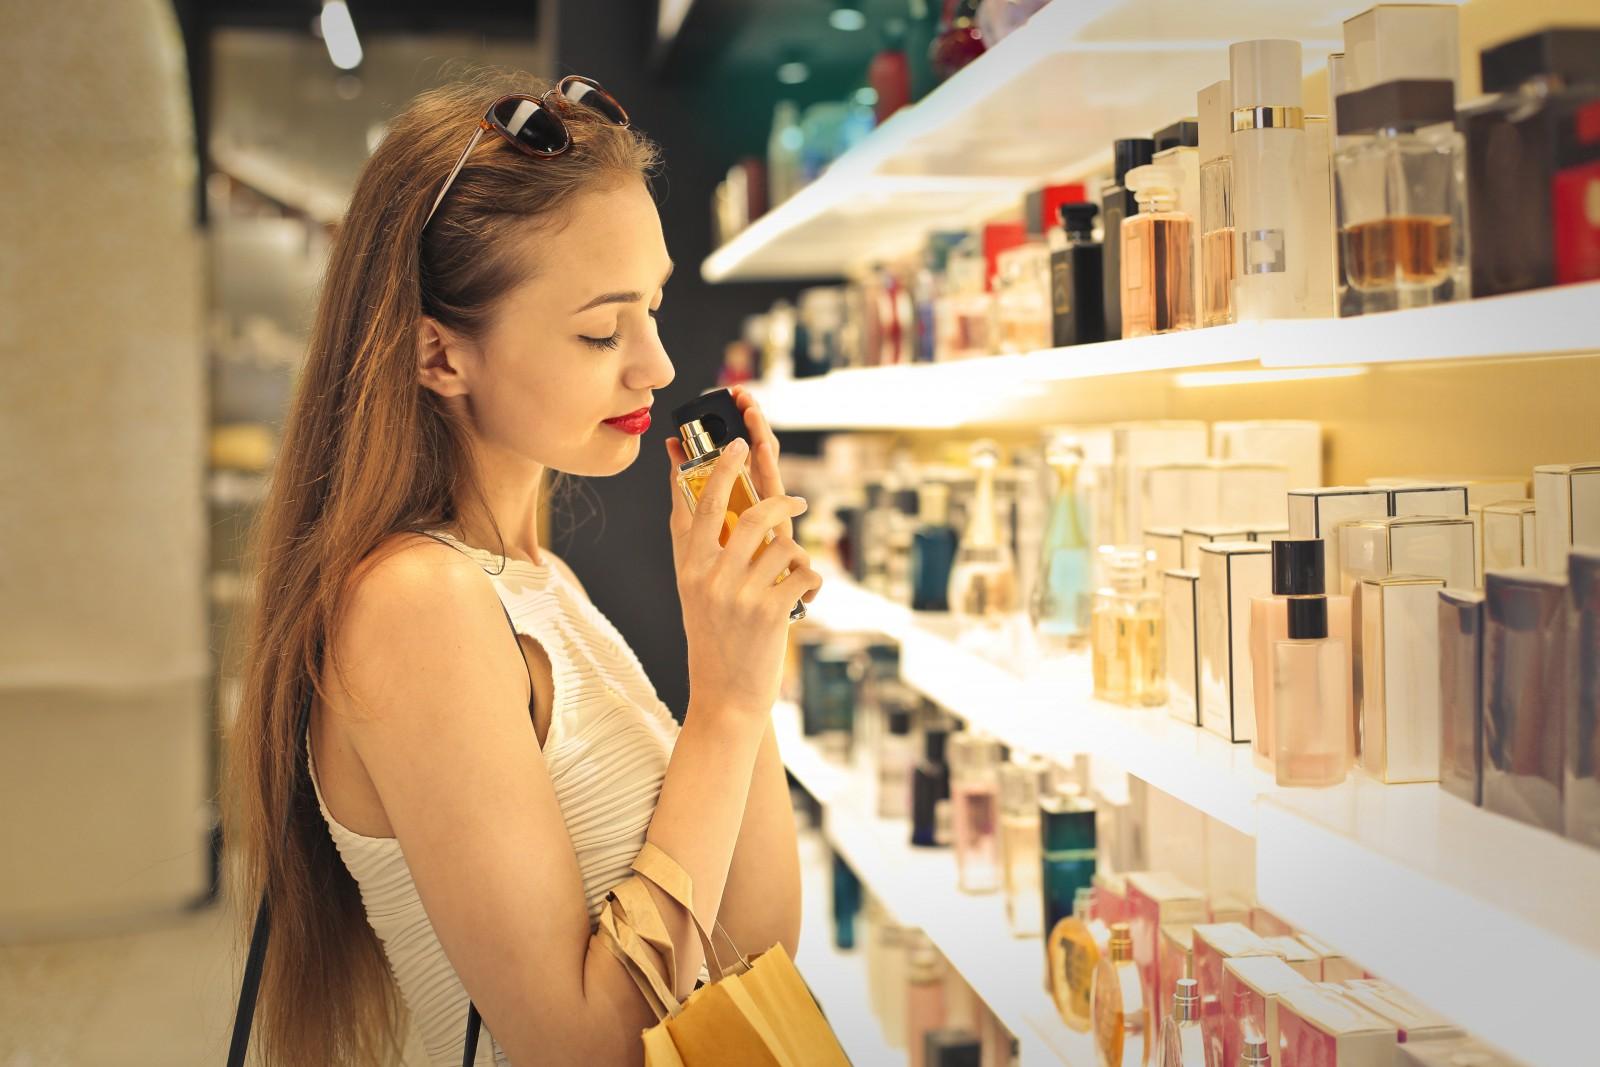 Как выбирать косметику, чтобы не испортить кожу лица